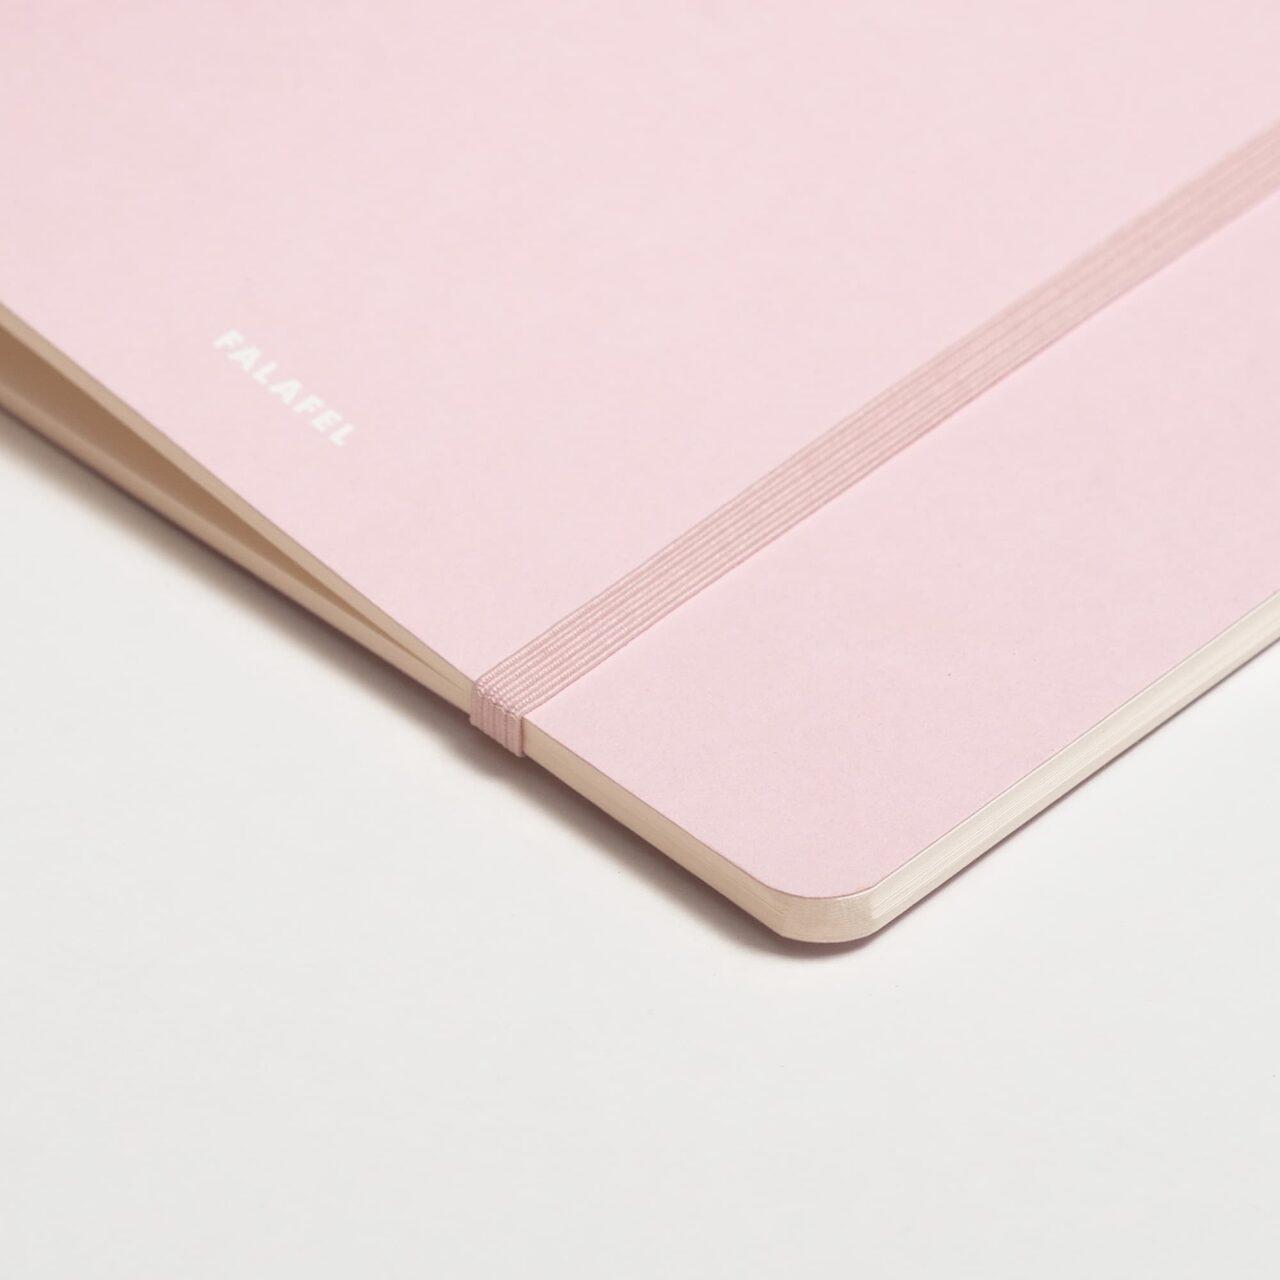 Скетчбук Falafel Pale Pink для акварели, 19×19 см, 200 г/м², 20л